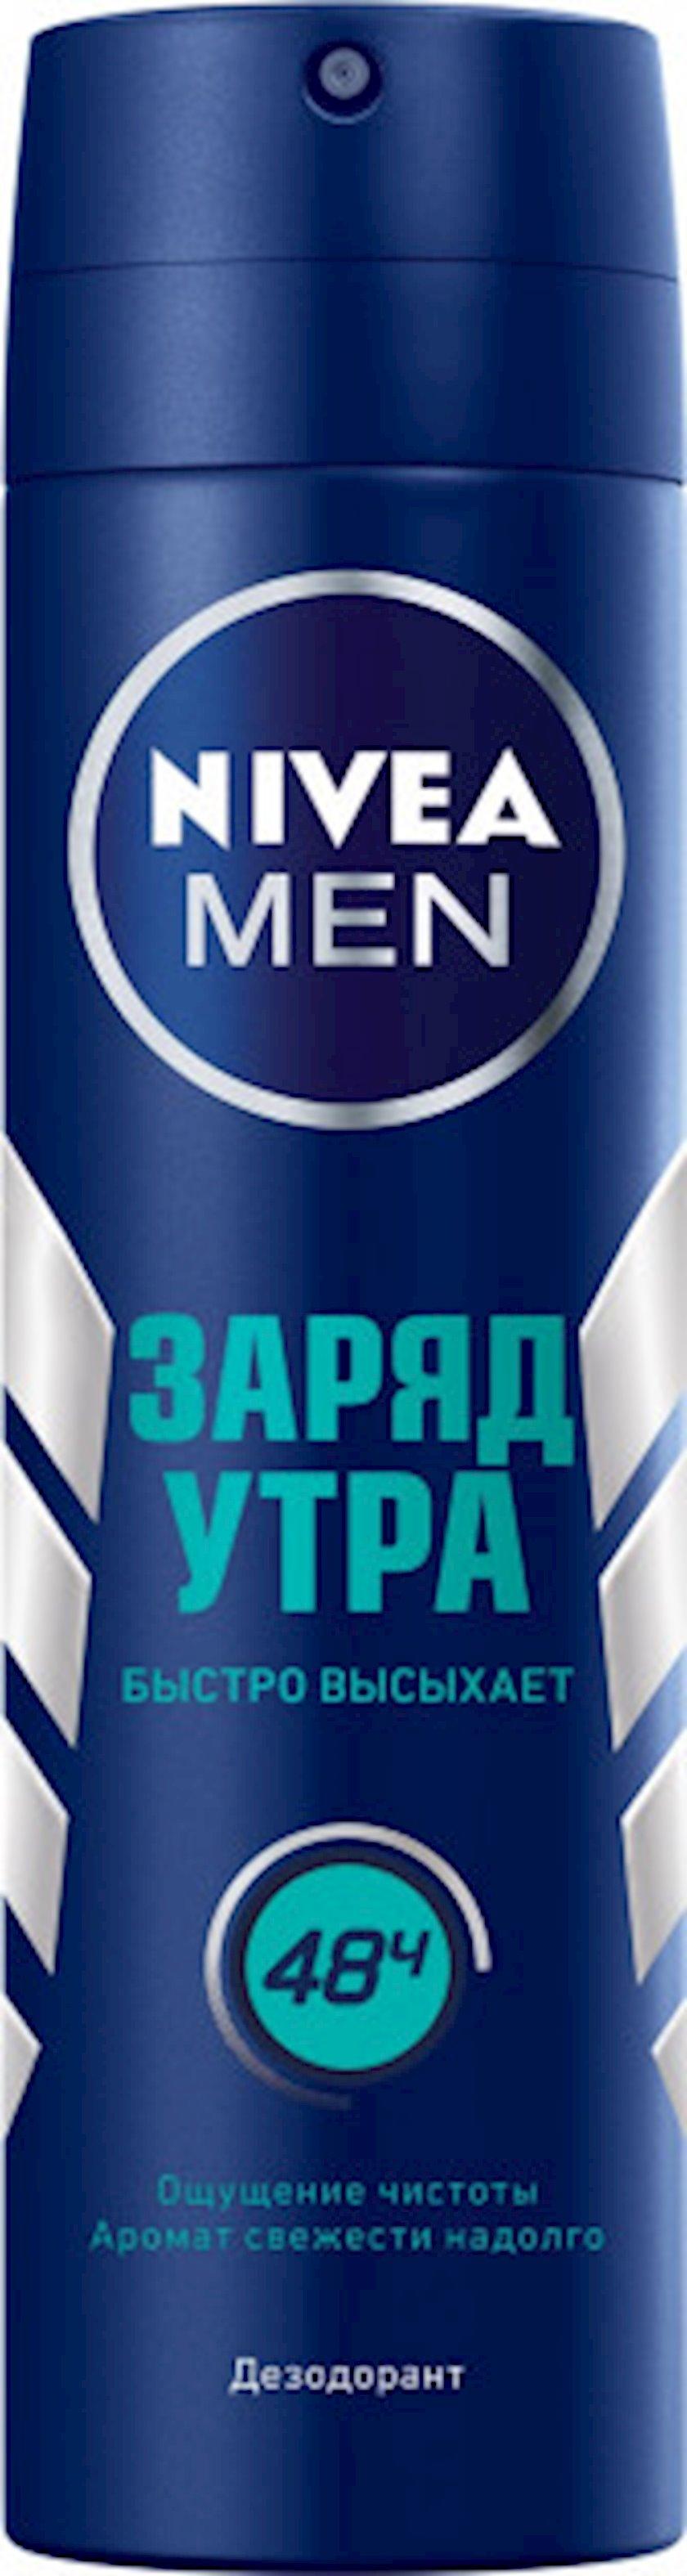 Dezodorant-sprey kişilər üçün Nivea Səhərin enerjisi